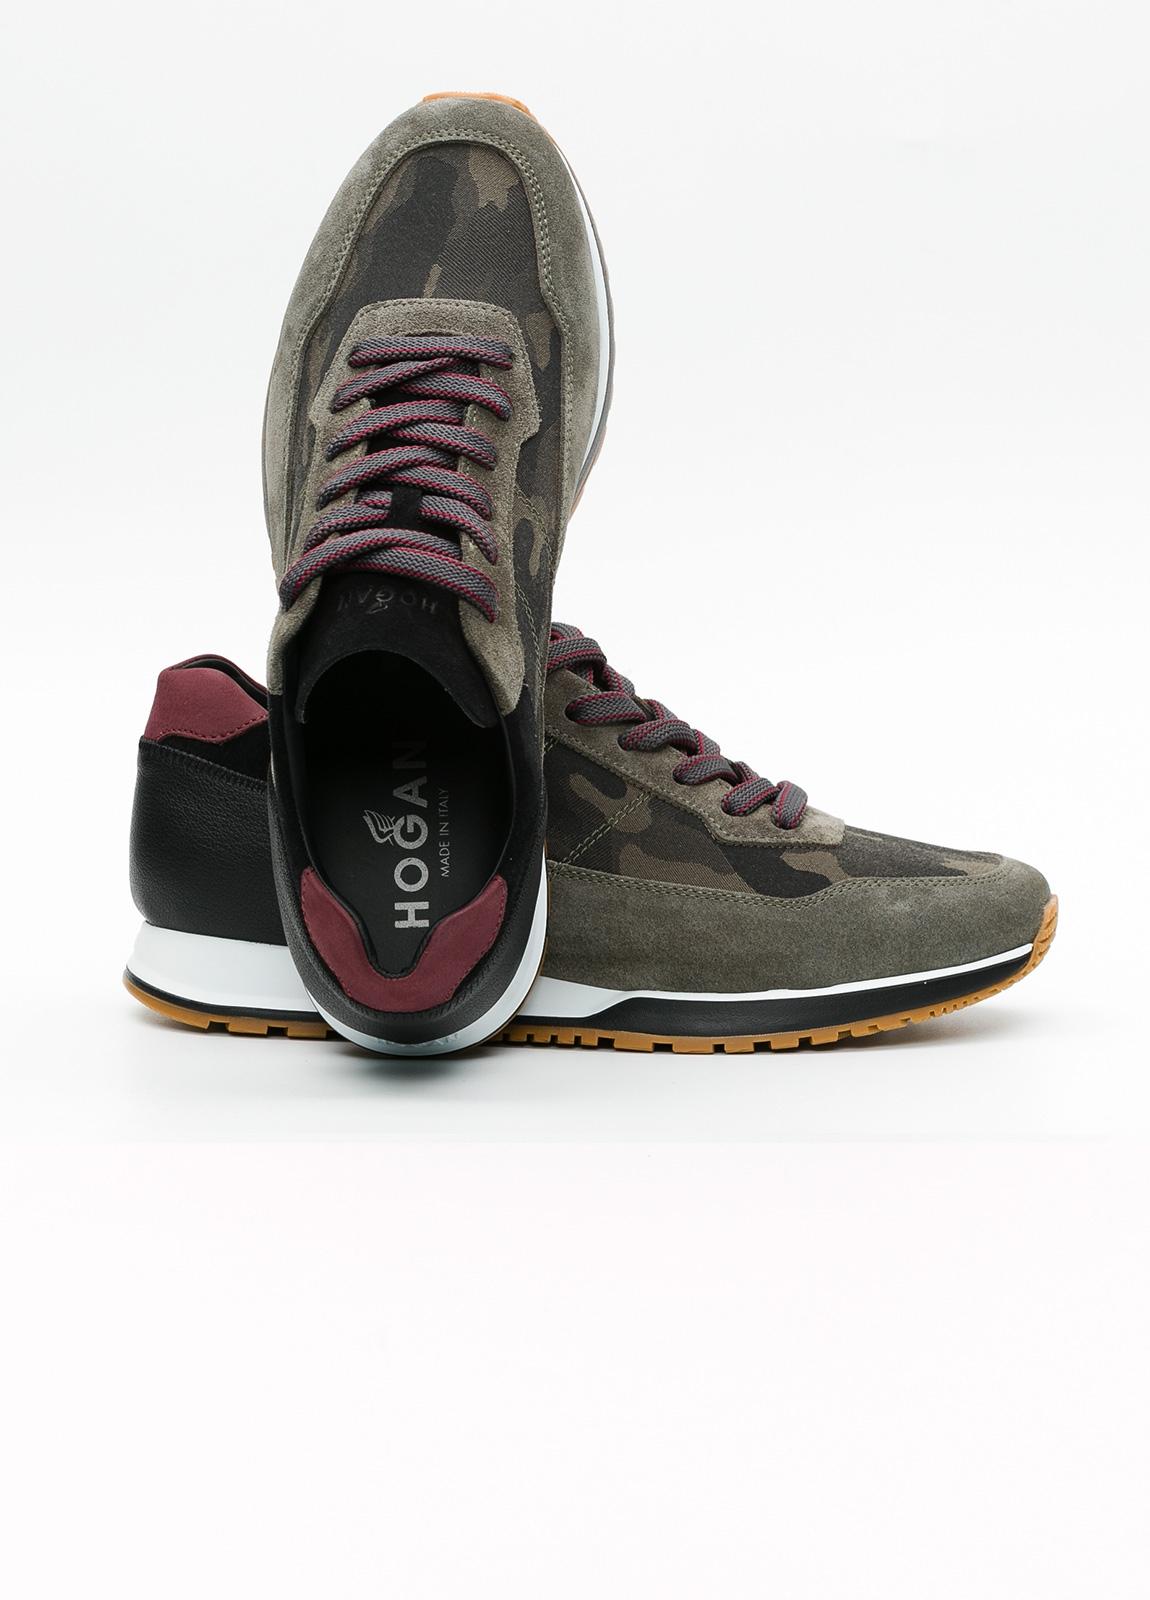 Calzado sport hombre H321 color kaki. Combinación de serraje y piel. - Ítem1